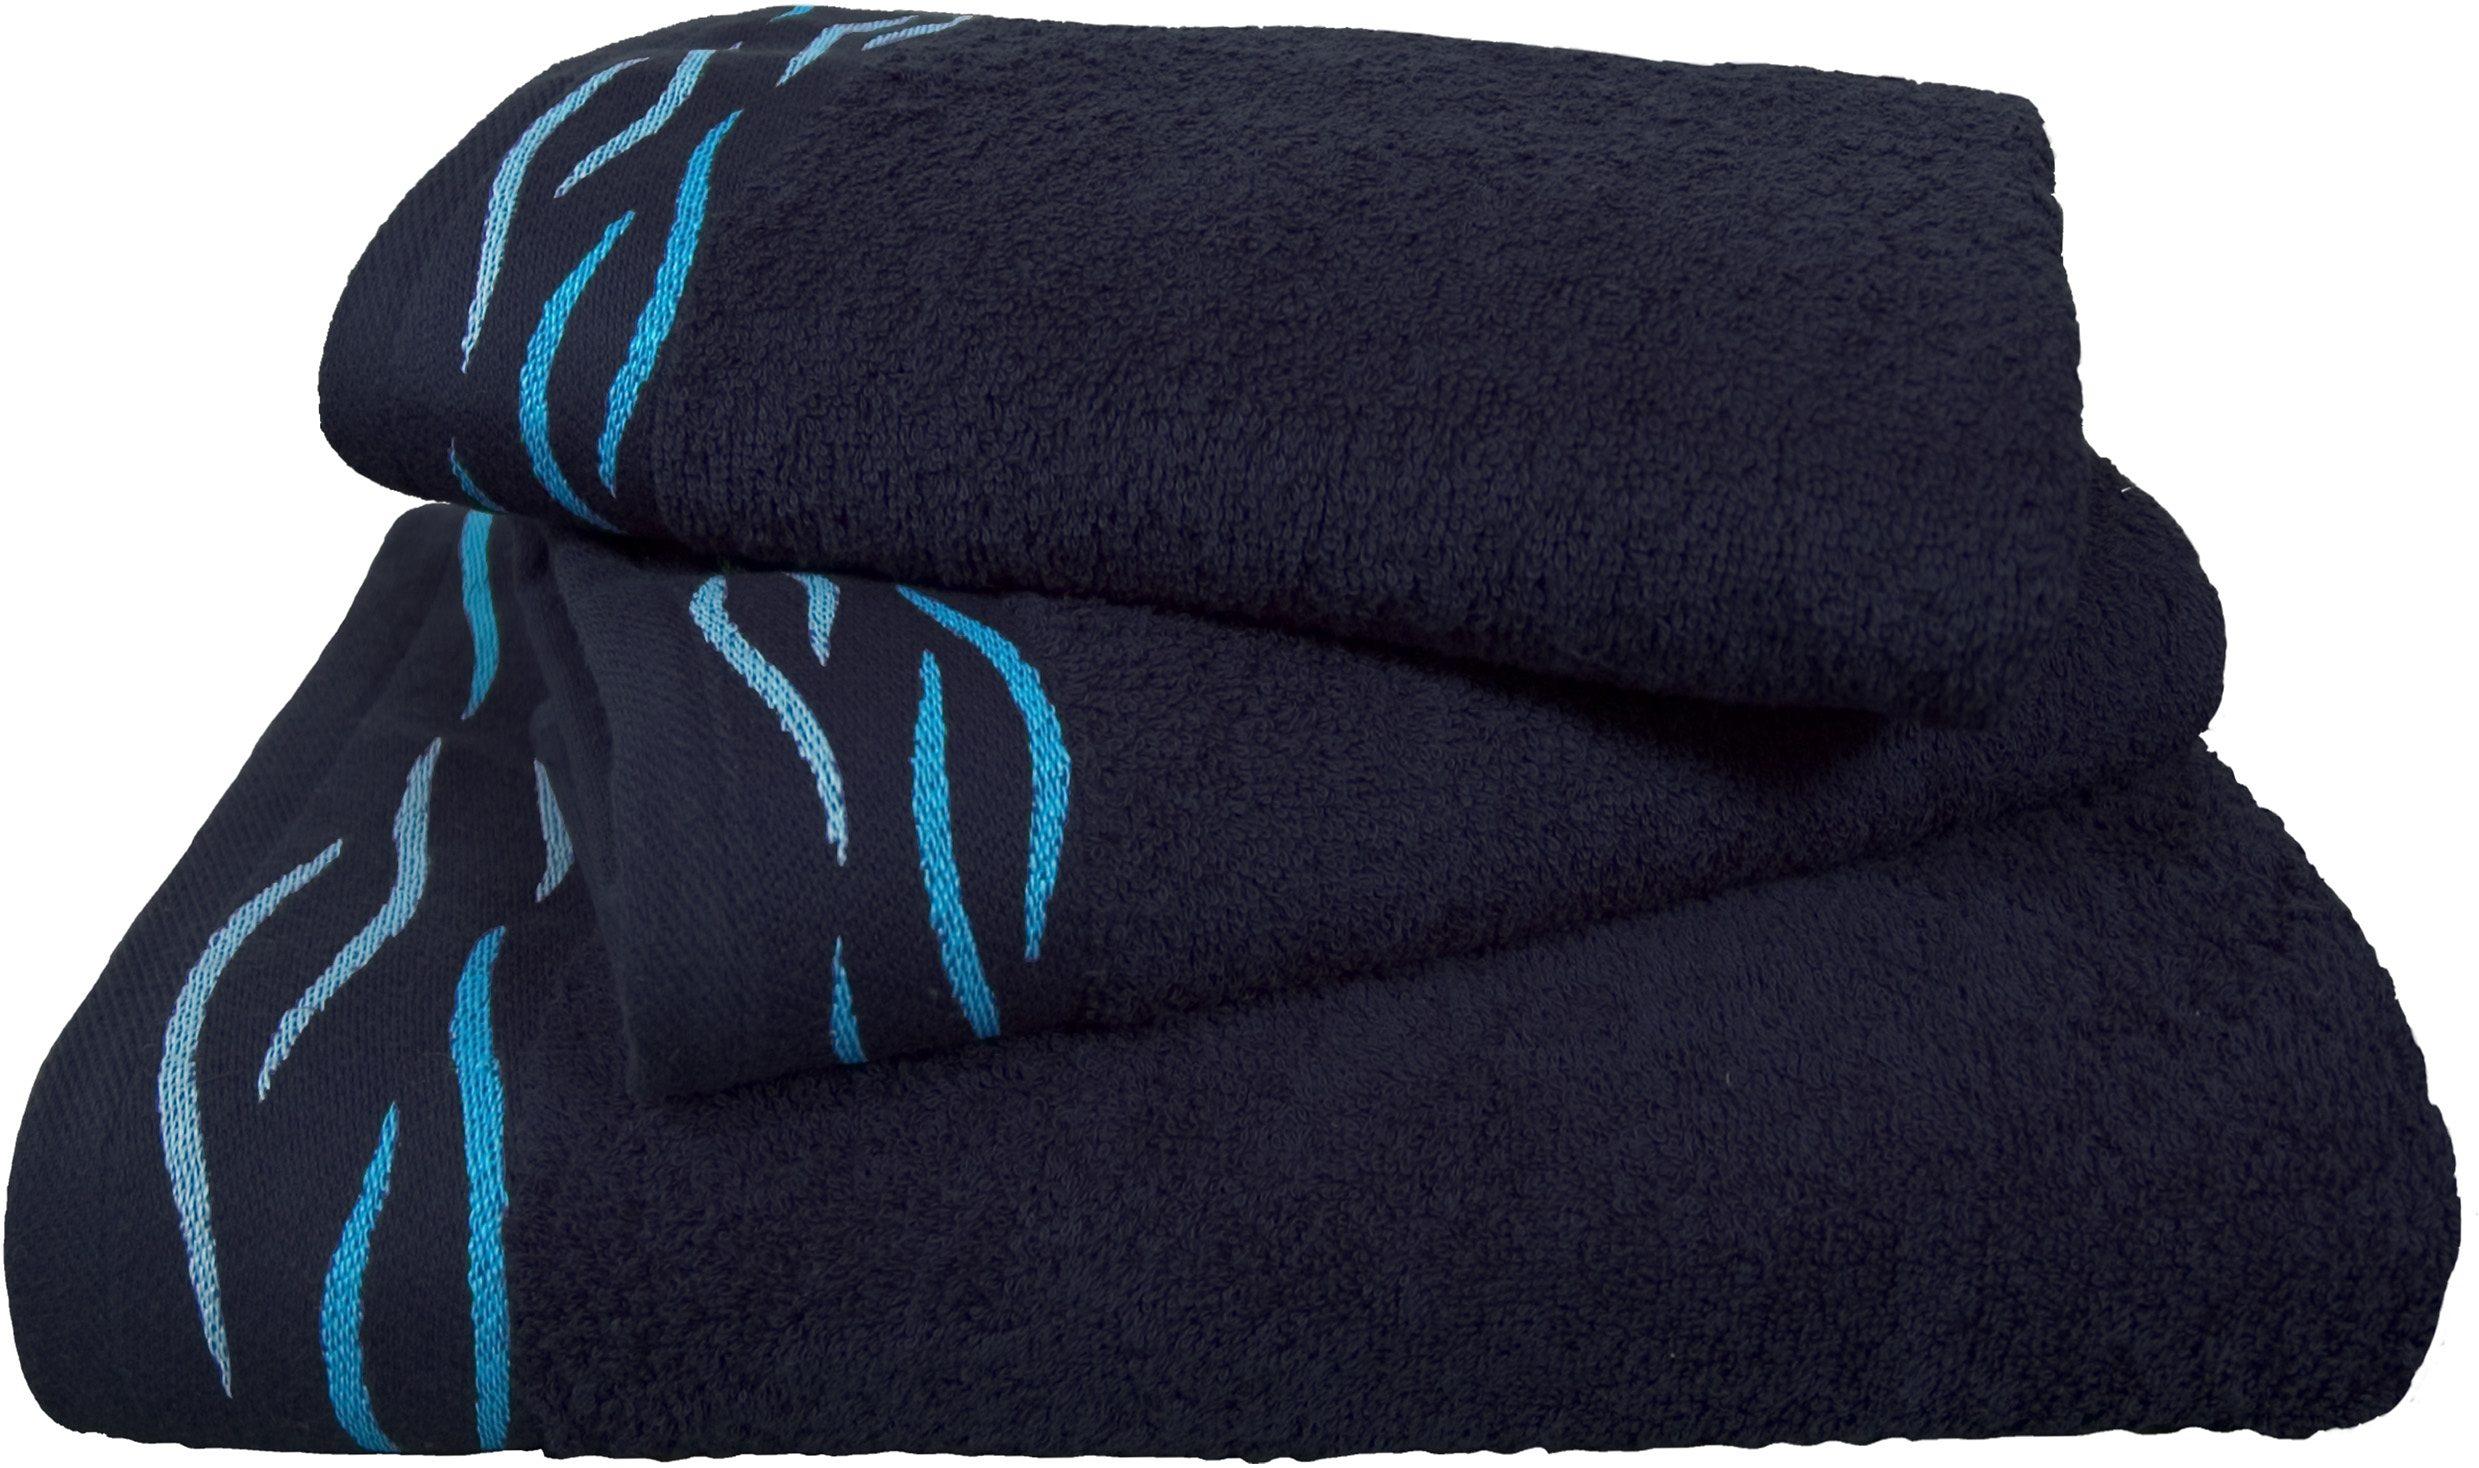 Handtuch Set, Dyckhoff, »Wave«, mit einer gewellten Bordüre